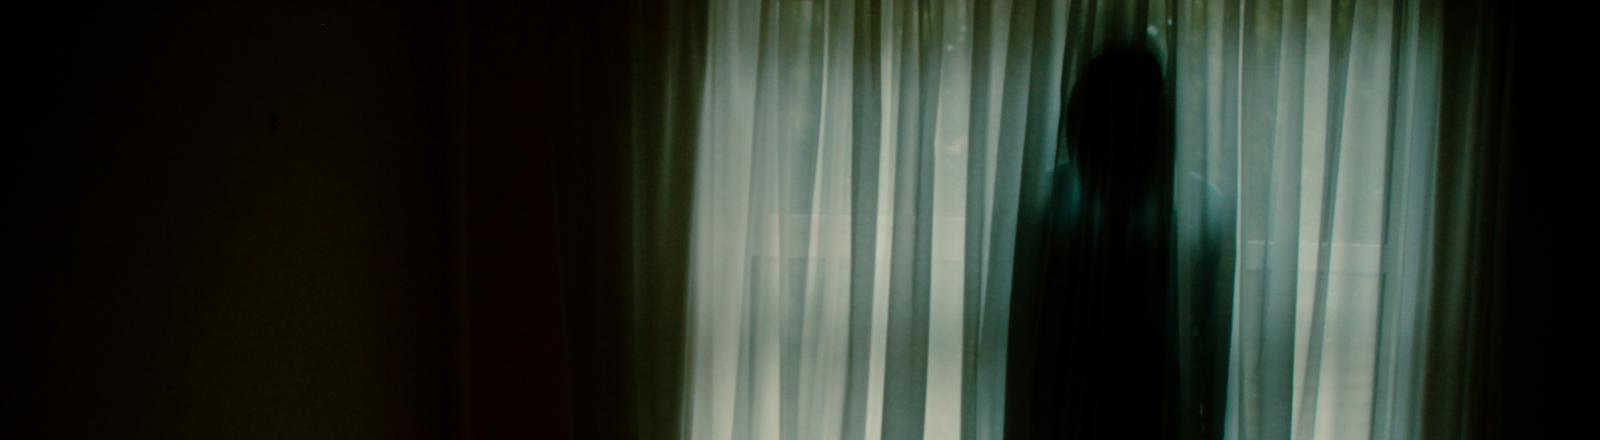 Eine Person steht im Dunkeln hinter einem Vorhang.